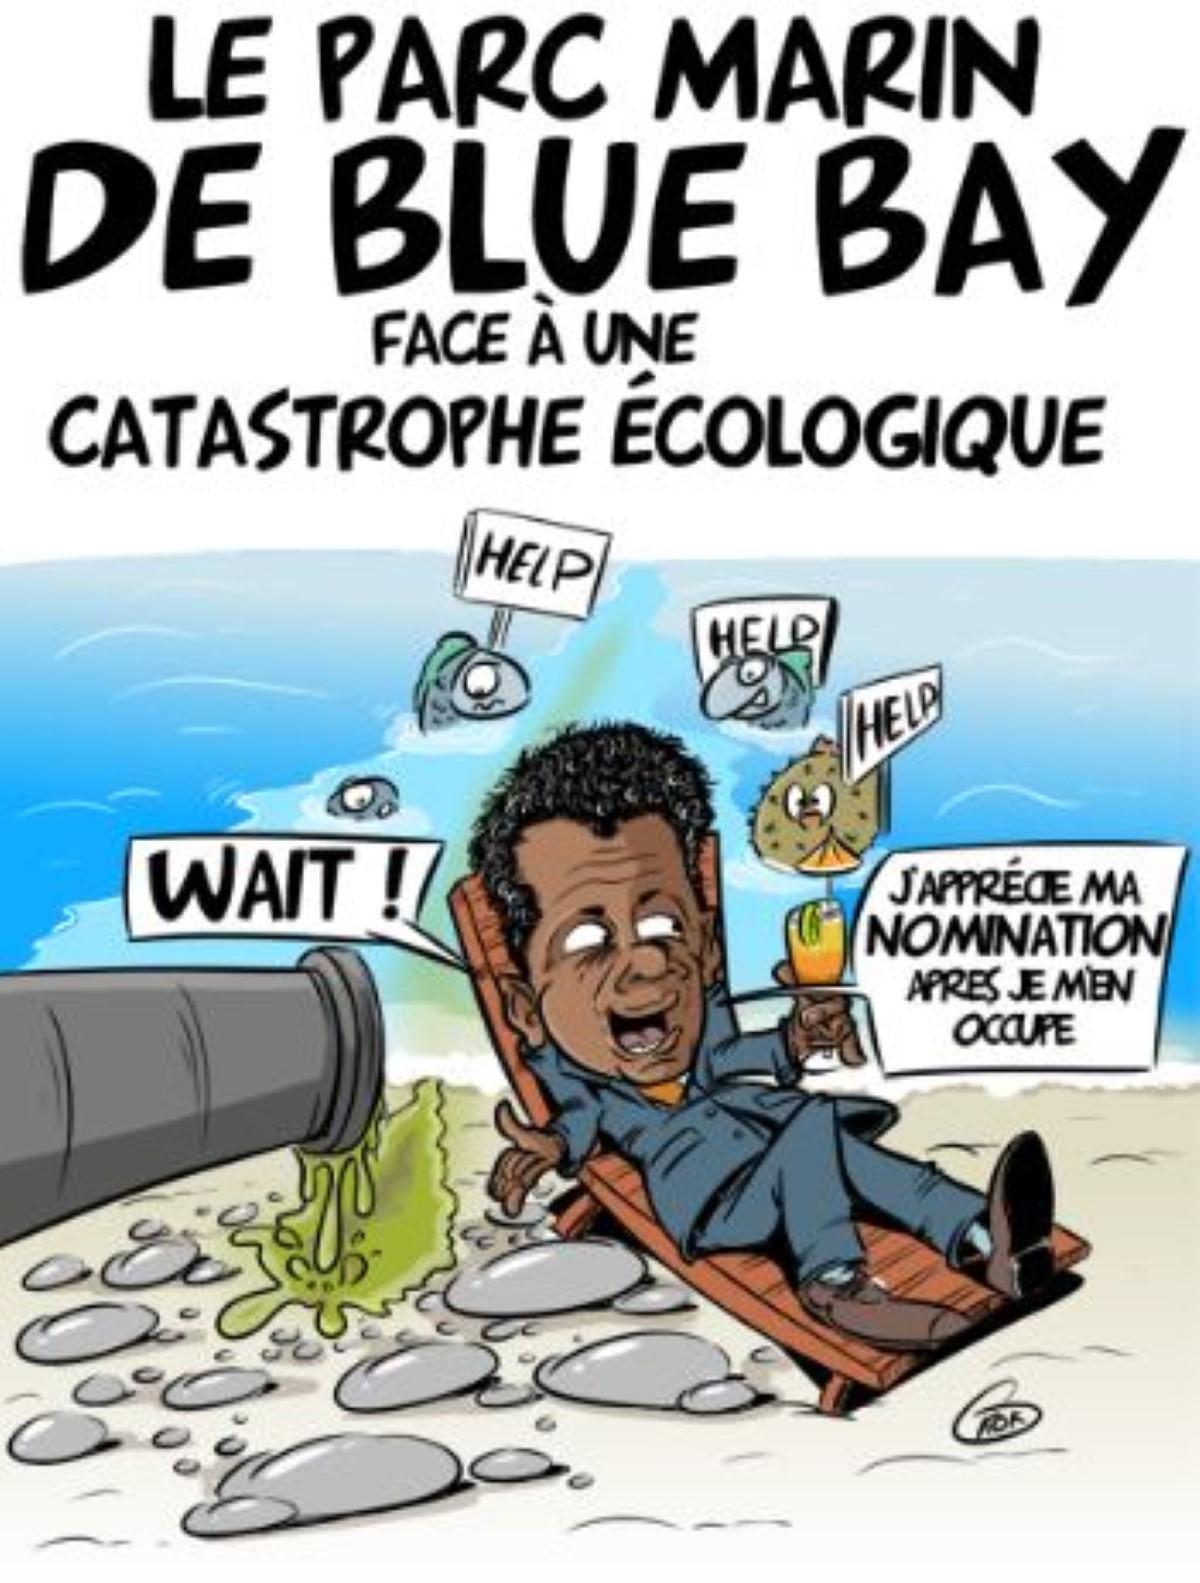 [KOK] Le dessin du jour : Le parc marin de Blue Bay face à une catastrophe écologique